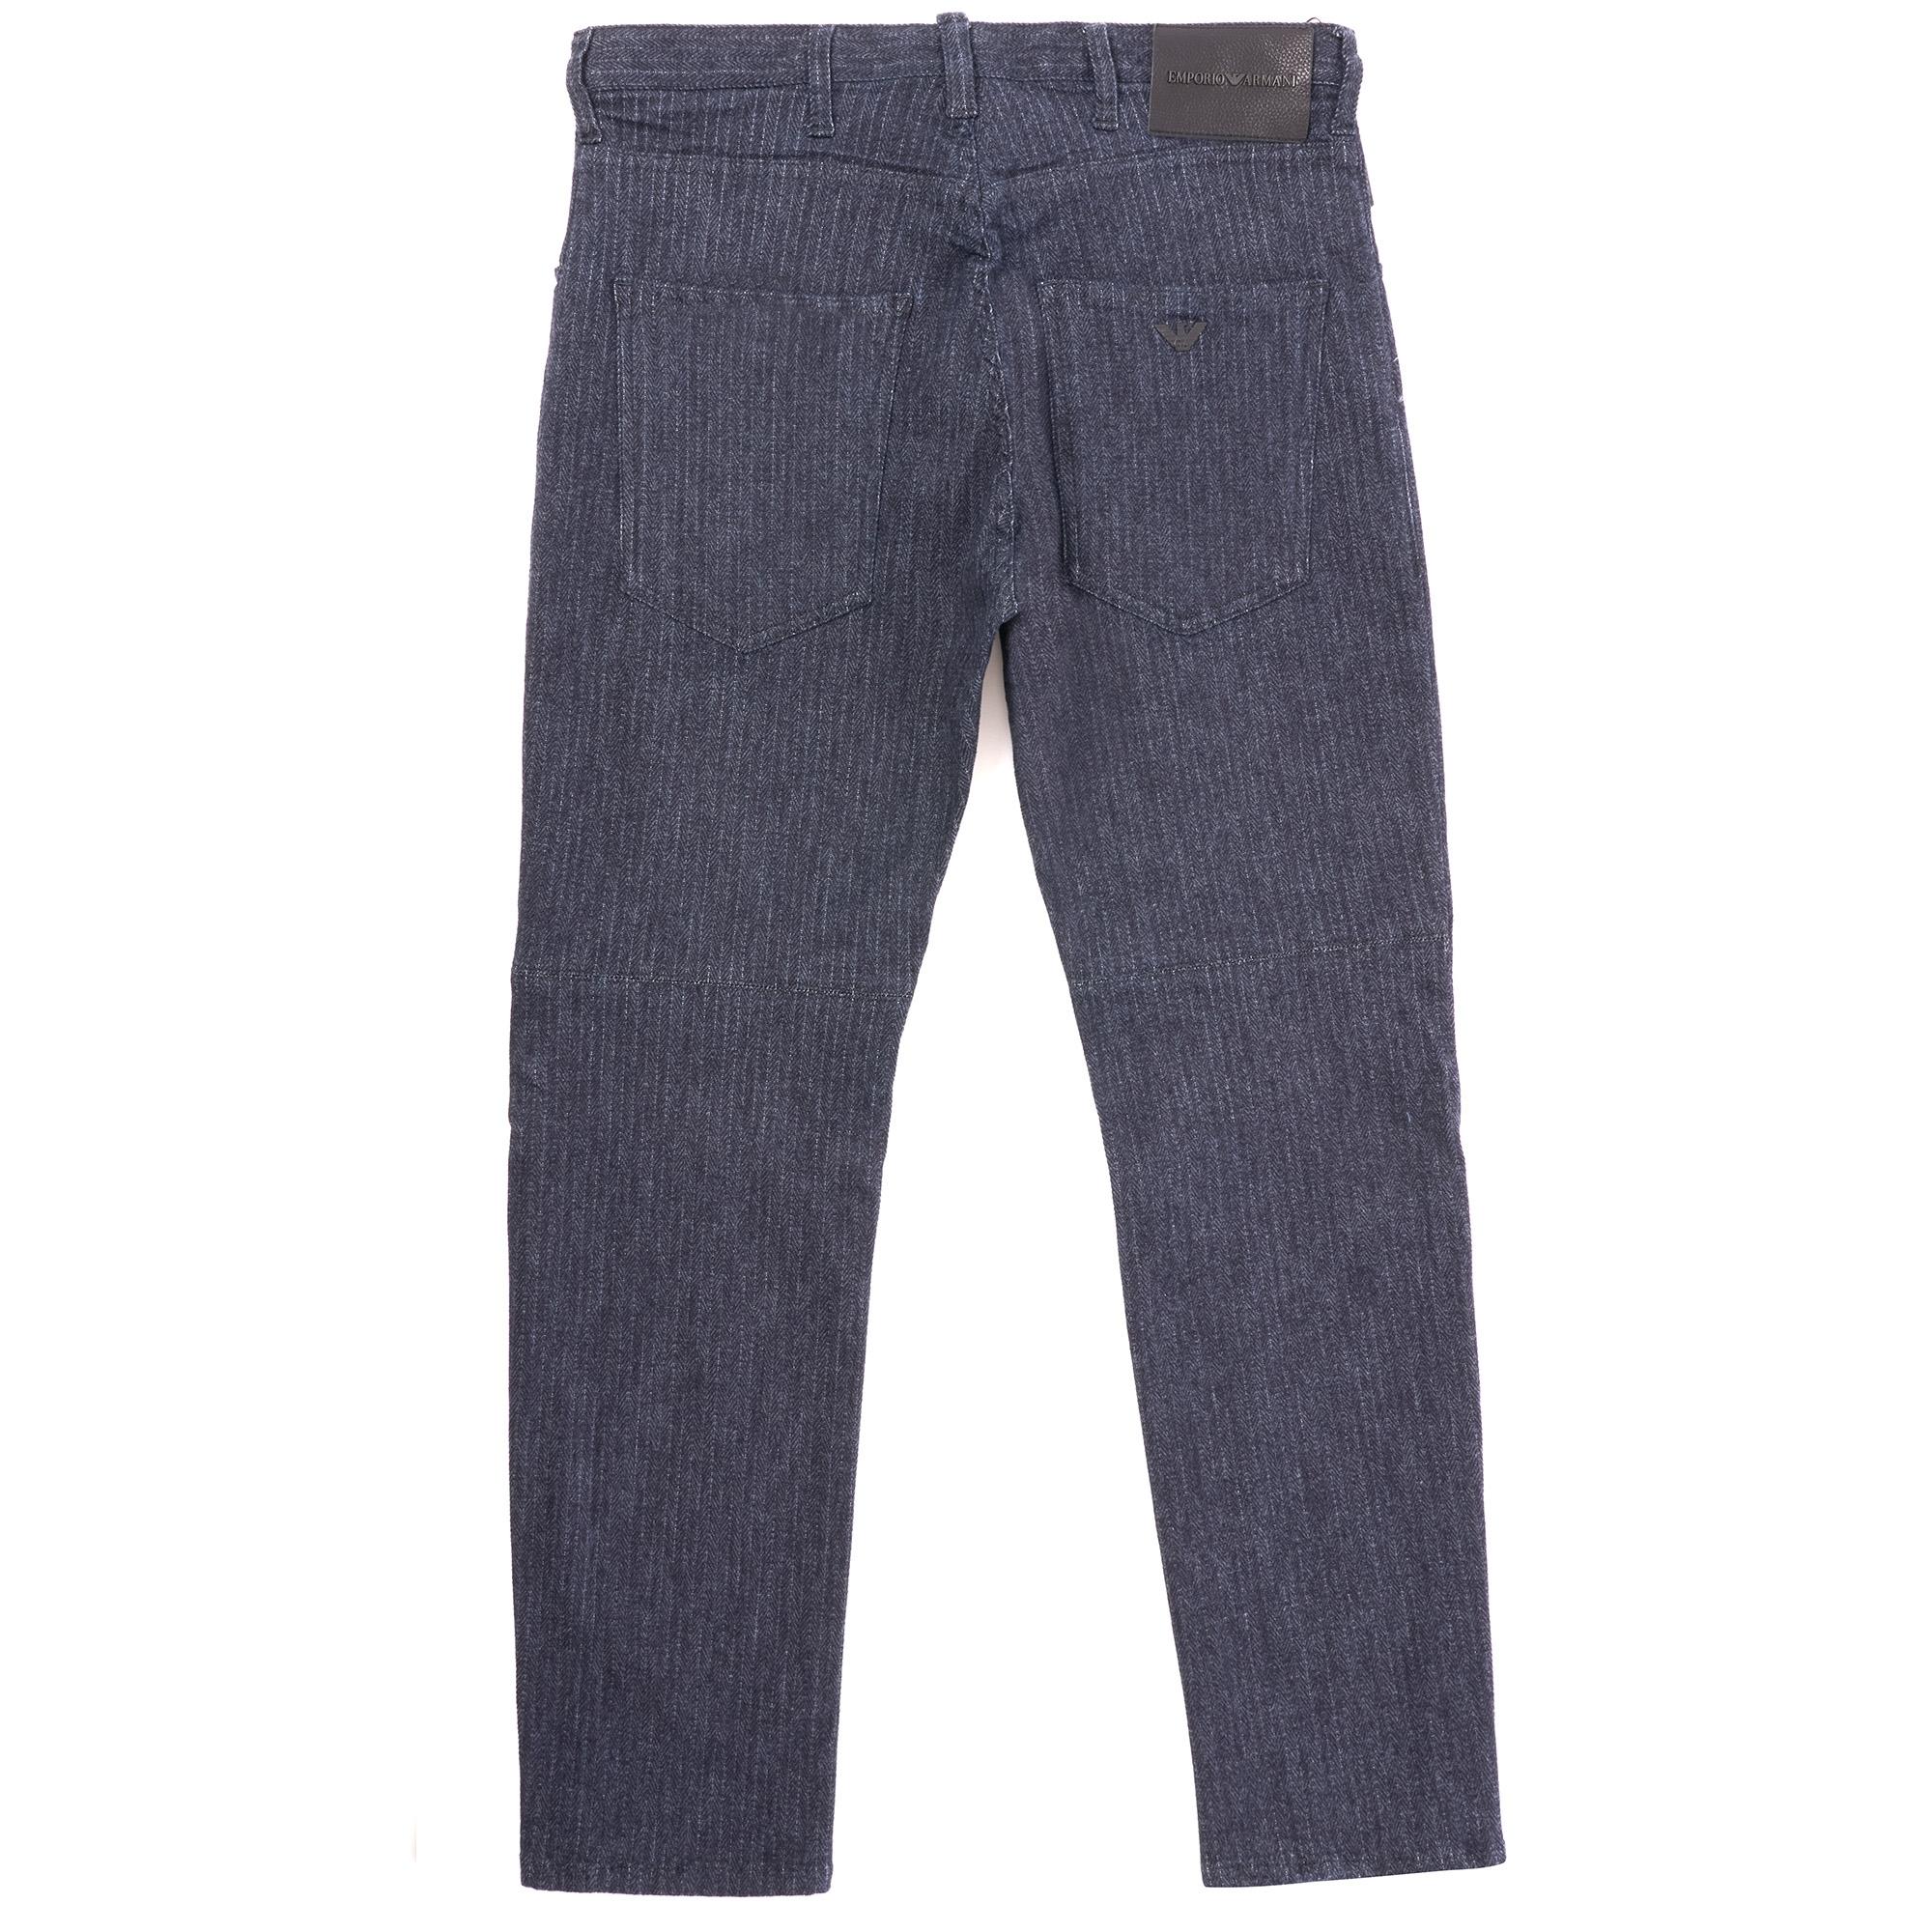 2961fff90f Emporio Armani J04 Loose Fit Striped Jean